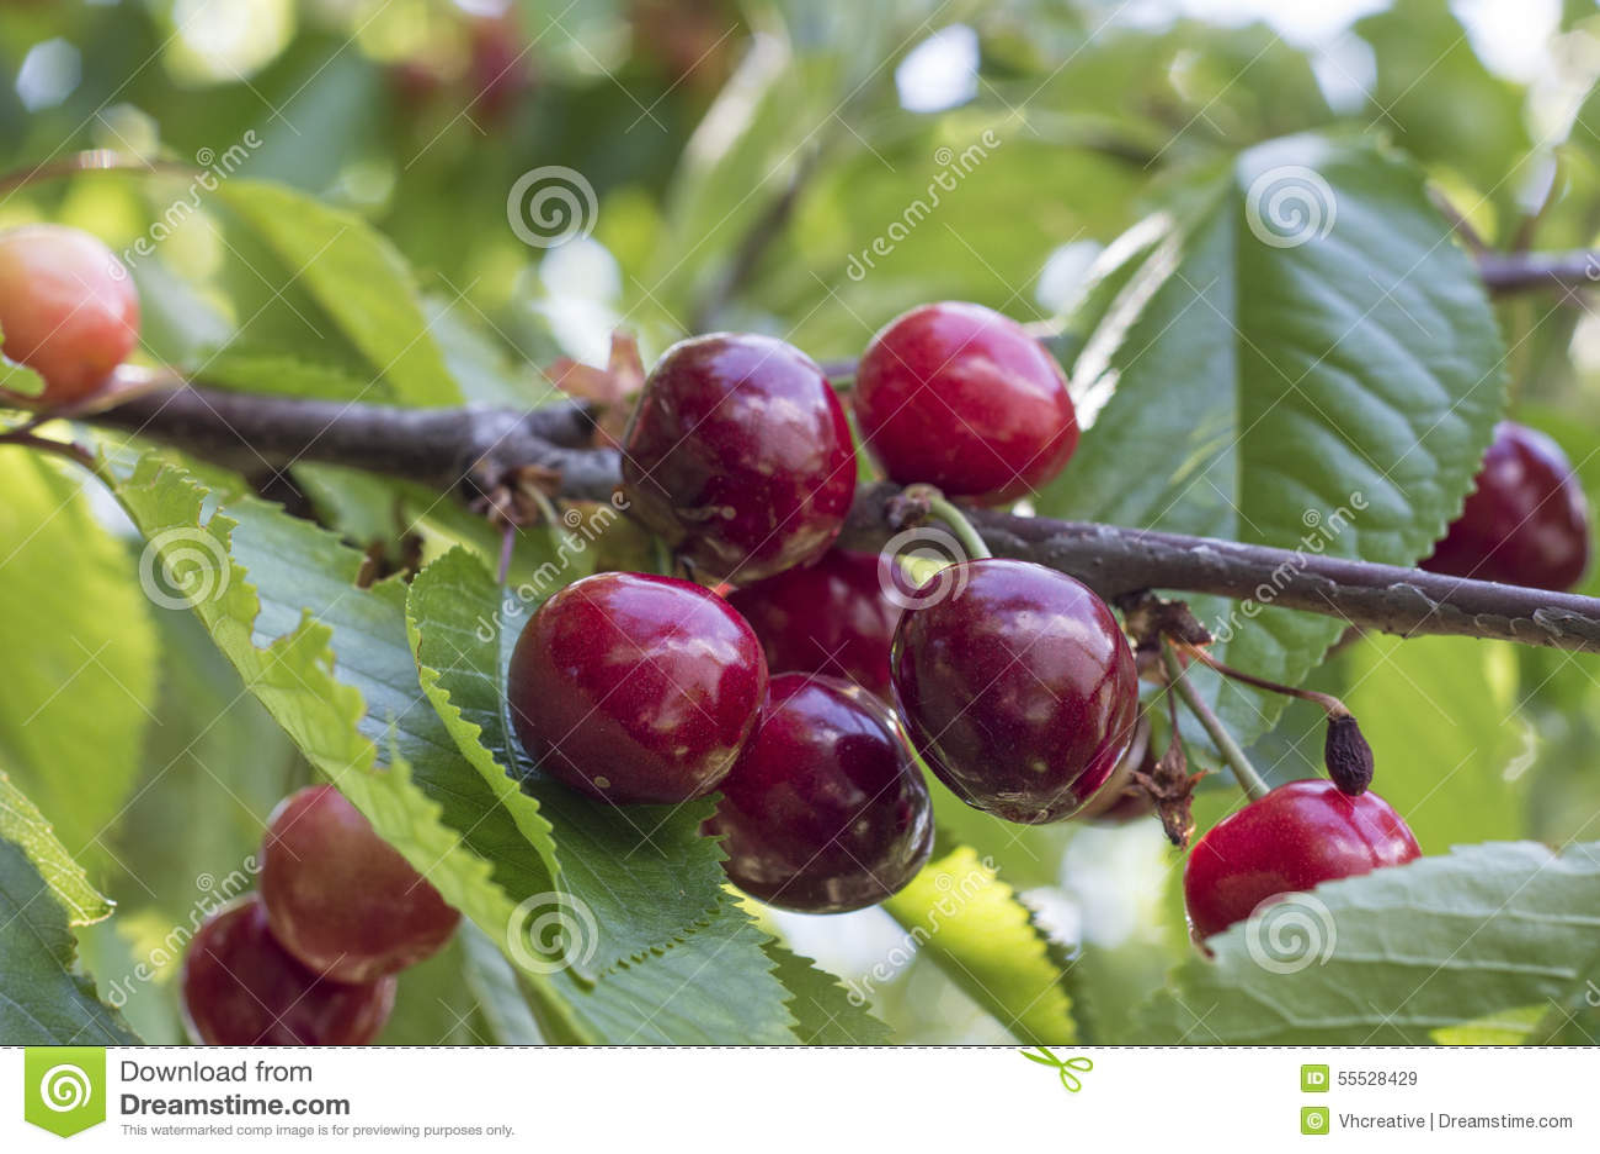 Ripe dark-red cherries on cherry tree brunch